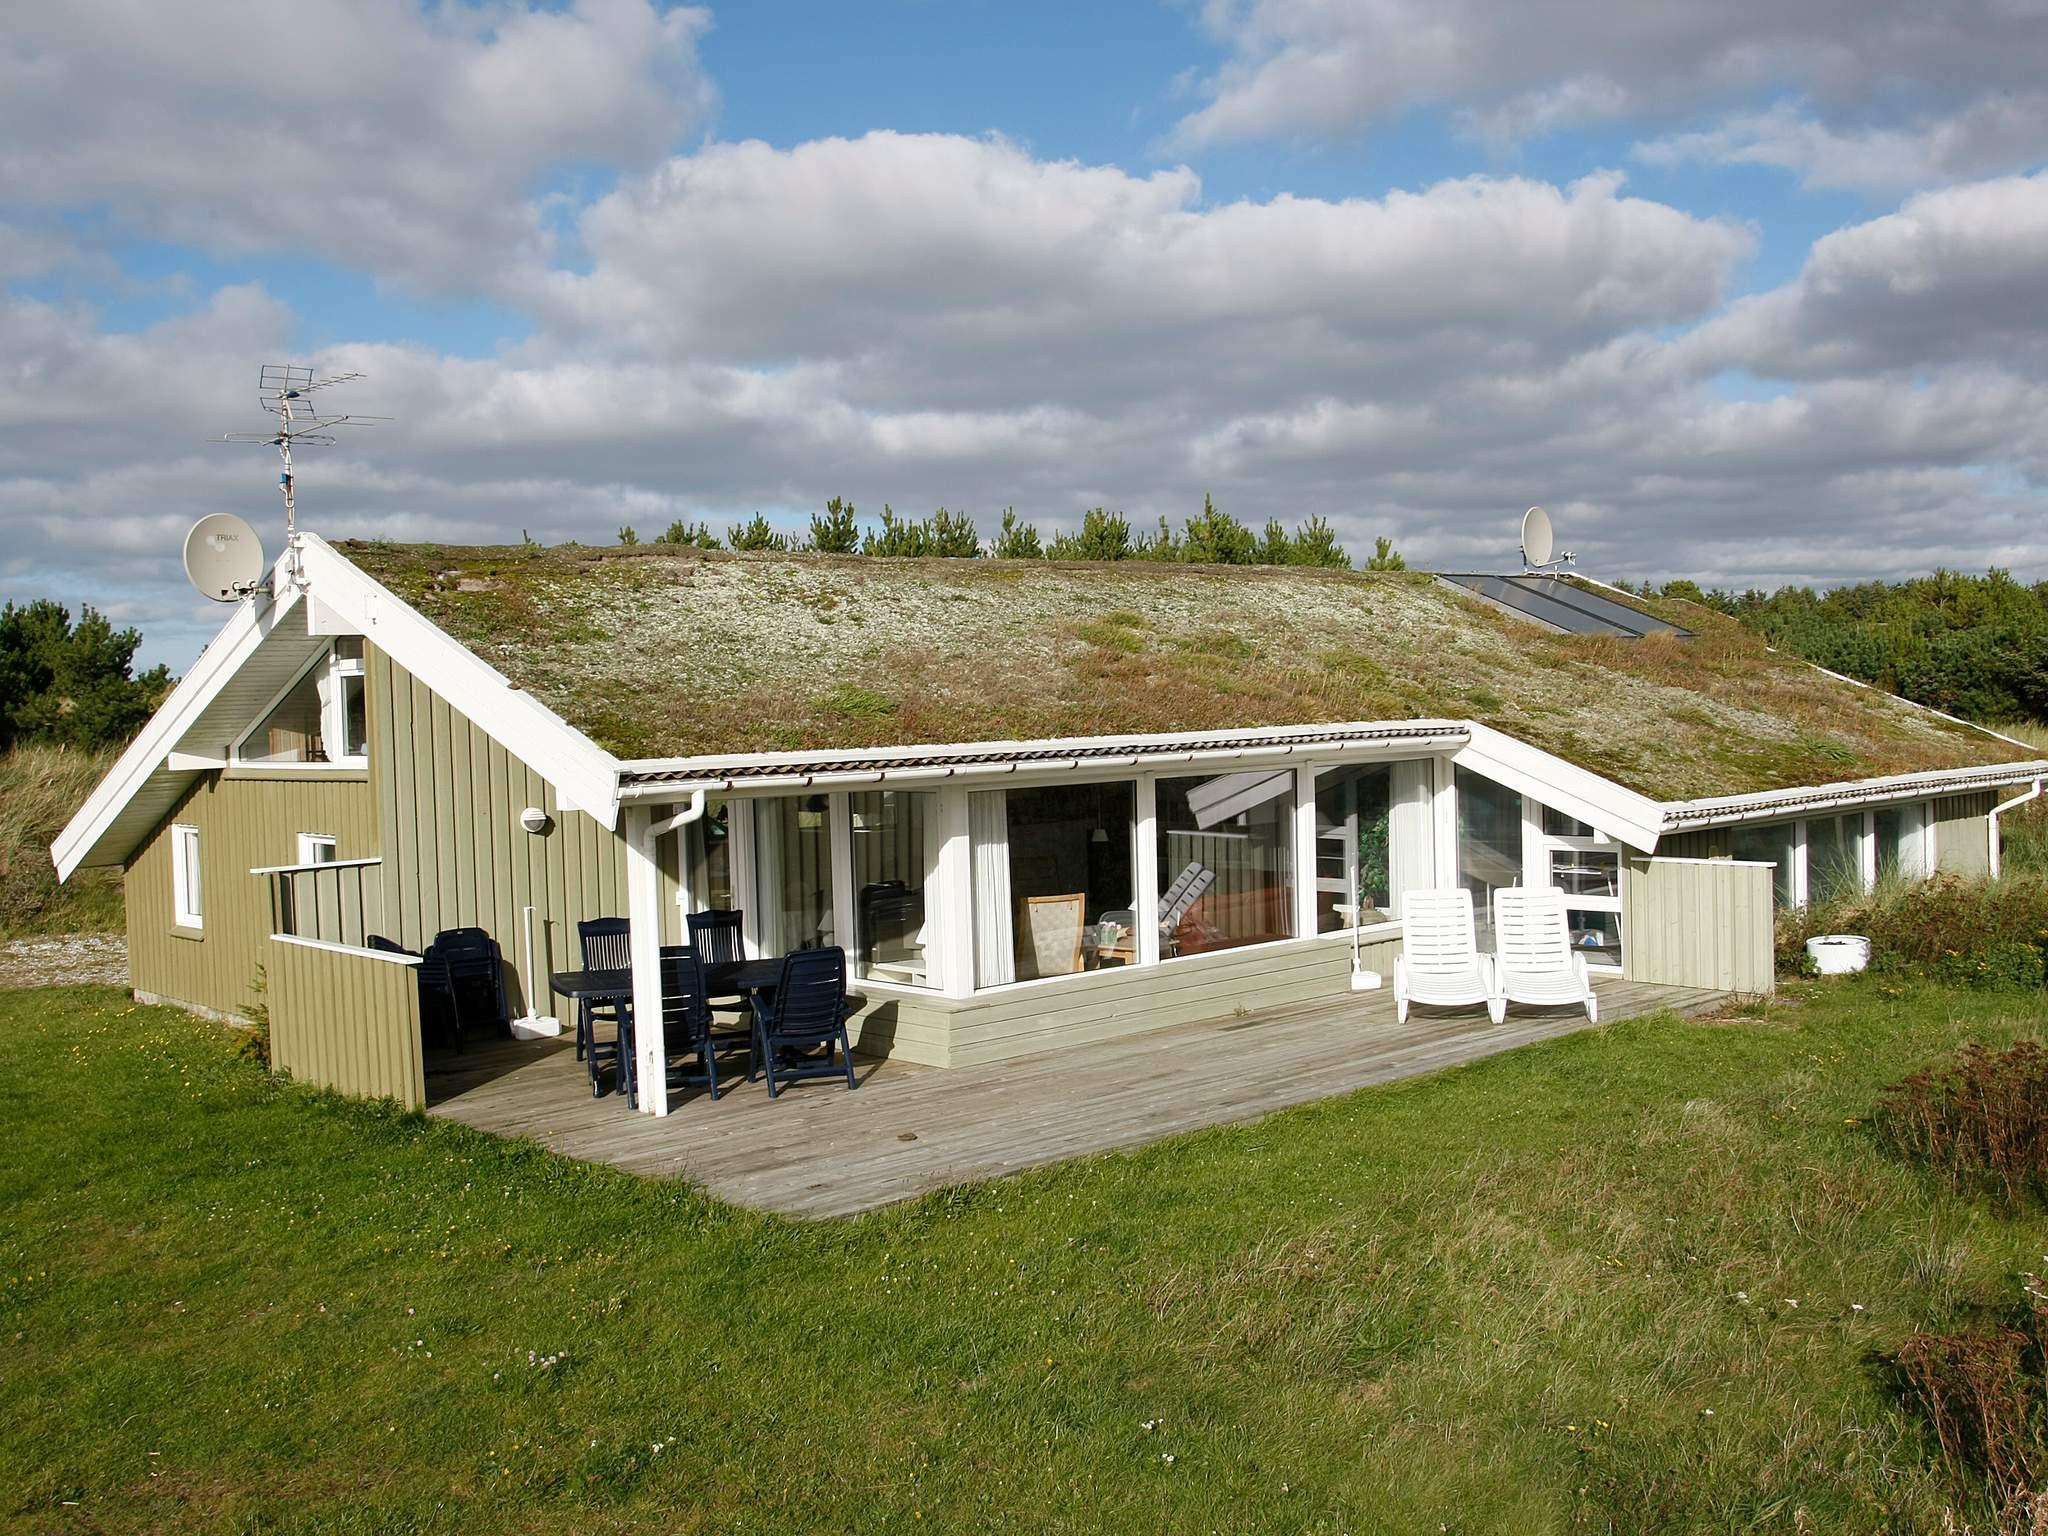 Ferienhaus Blokhus (83373), Blokhus, , Nordwestjütland, Dänemark, Bild 1